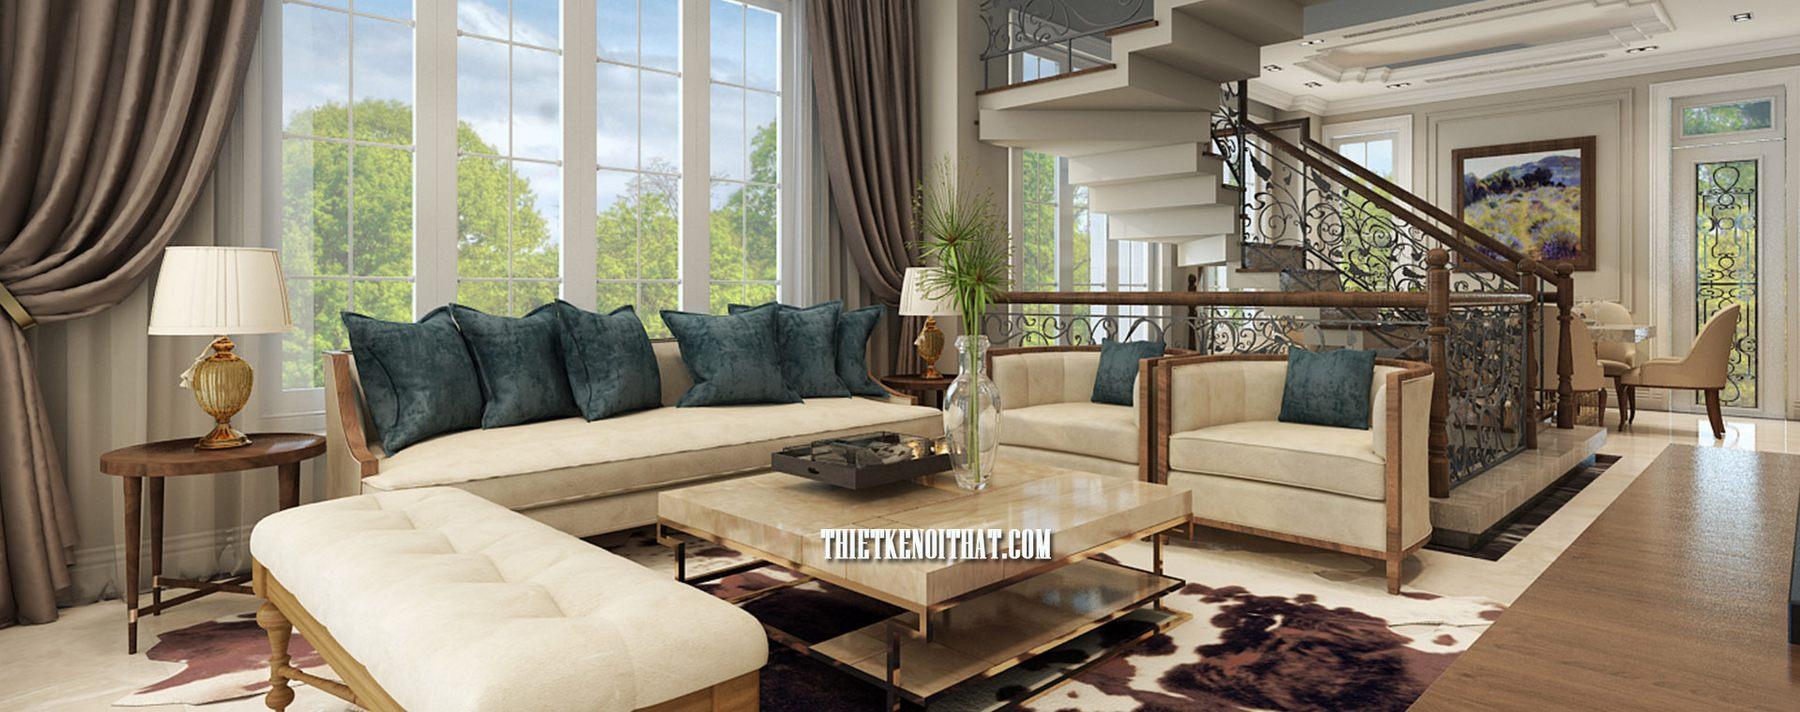 Thiết kế nội thất biệt thự Vinhomes Riverside Long Biên Hà Nộiong-lap-vinhomes-riverside (52)